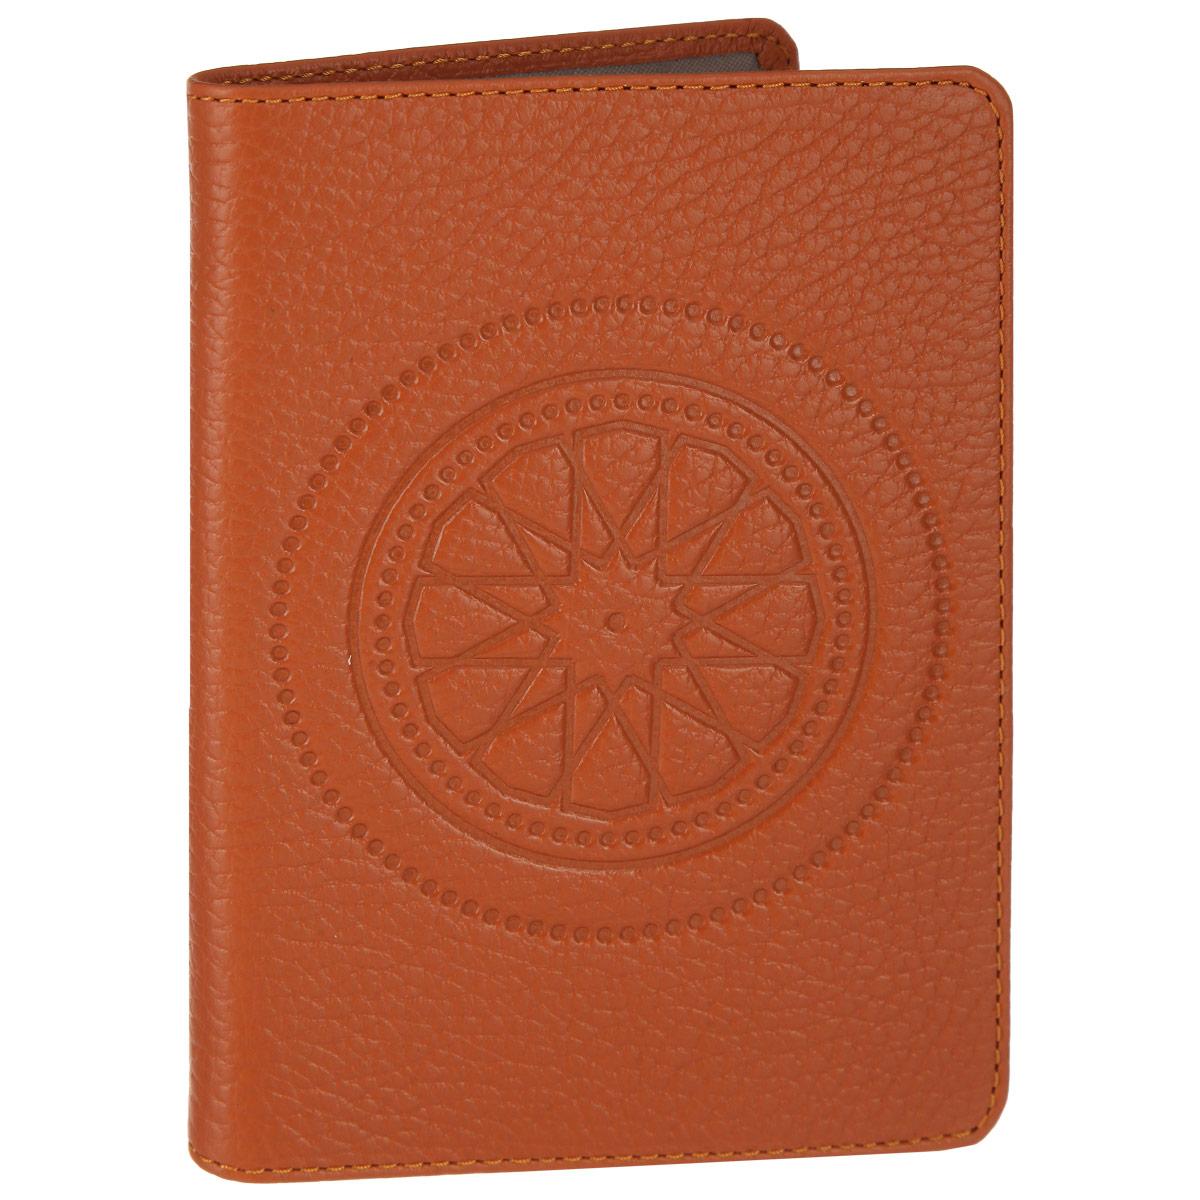 Обложка для паспорта Fabula Talisman, цвет: рыжий. O.65.SNO.65.SN. рыжийСтильная обложка для паспорта Fabula Talisman выполнена из натуральной кожи с зернистой текстурой, оформлена декоративным тиснением. Обложка для паспорта раскладывается пополам, внутри расположены два пластиковых кармашка.Такая обложка для паспорта станет прекрасным и стильным подарком человеку, любящему оригинальные и практичные вещи.